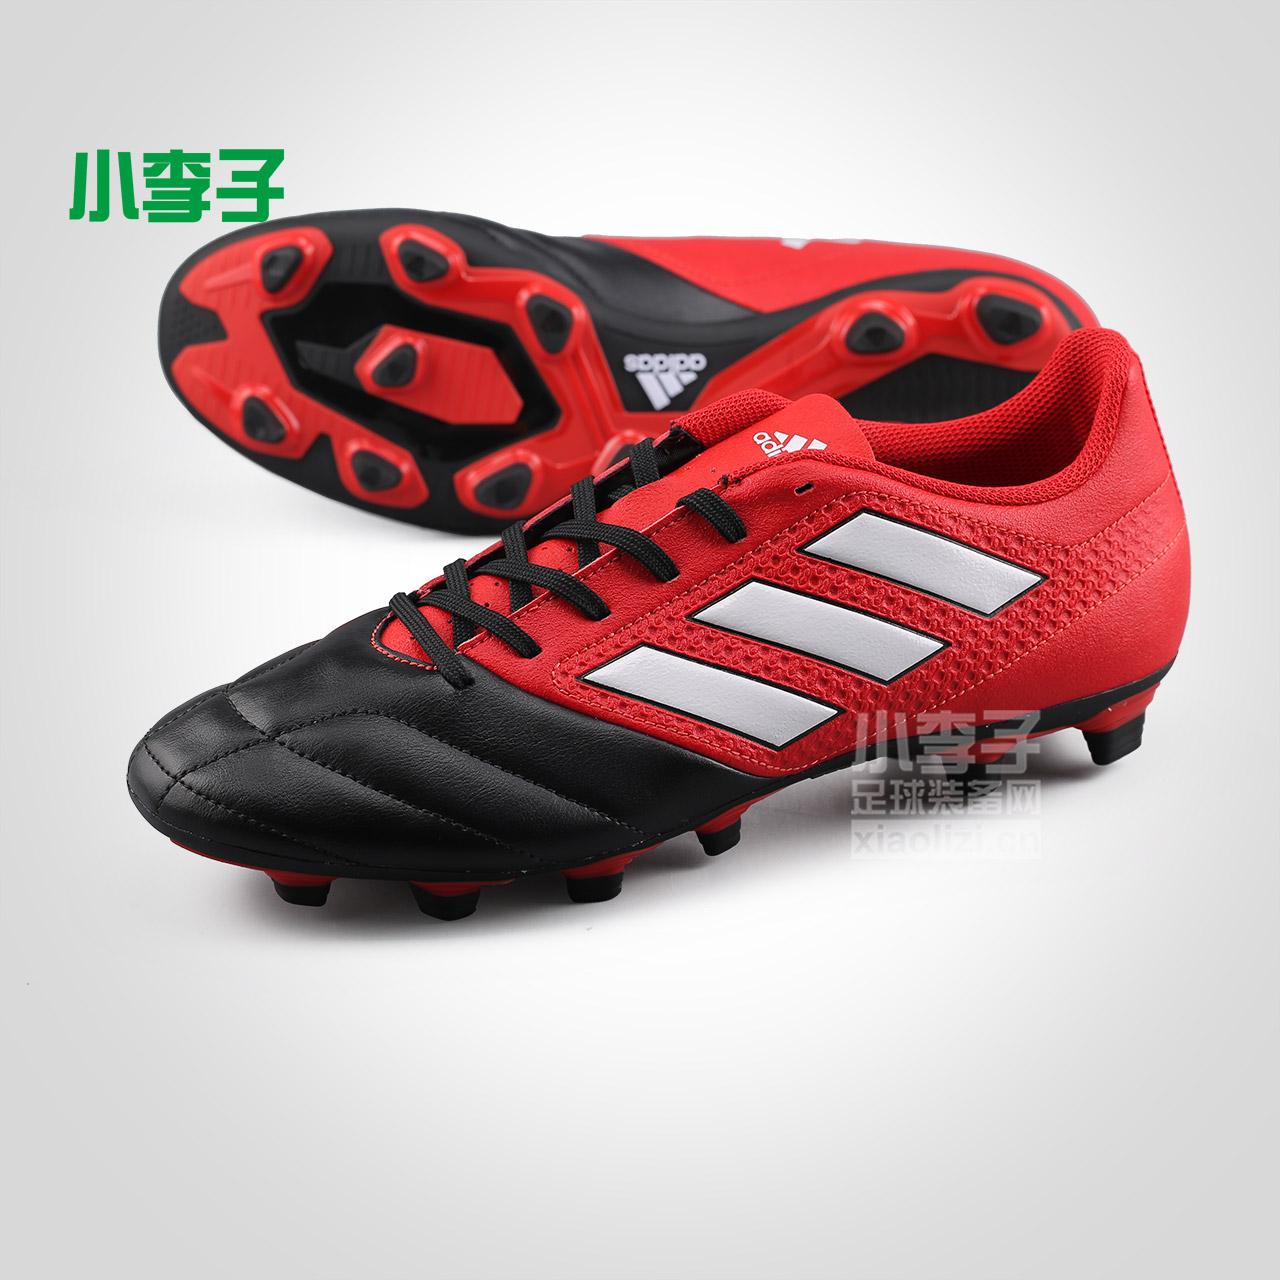 Ít mận: truy cập chính hãng Adidas adidas ACE 17.4FG màu xanh quỷ giày bóng đá